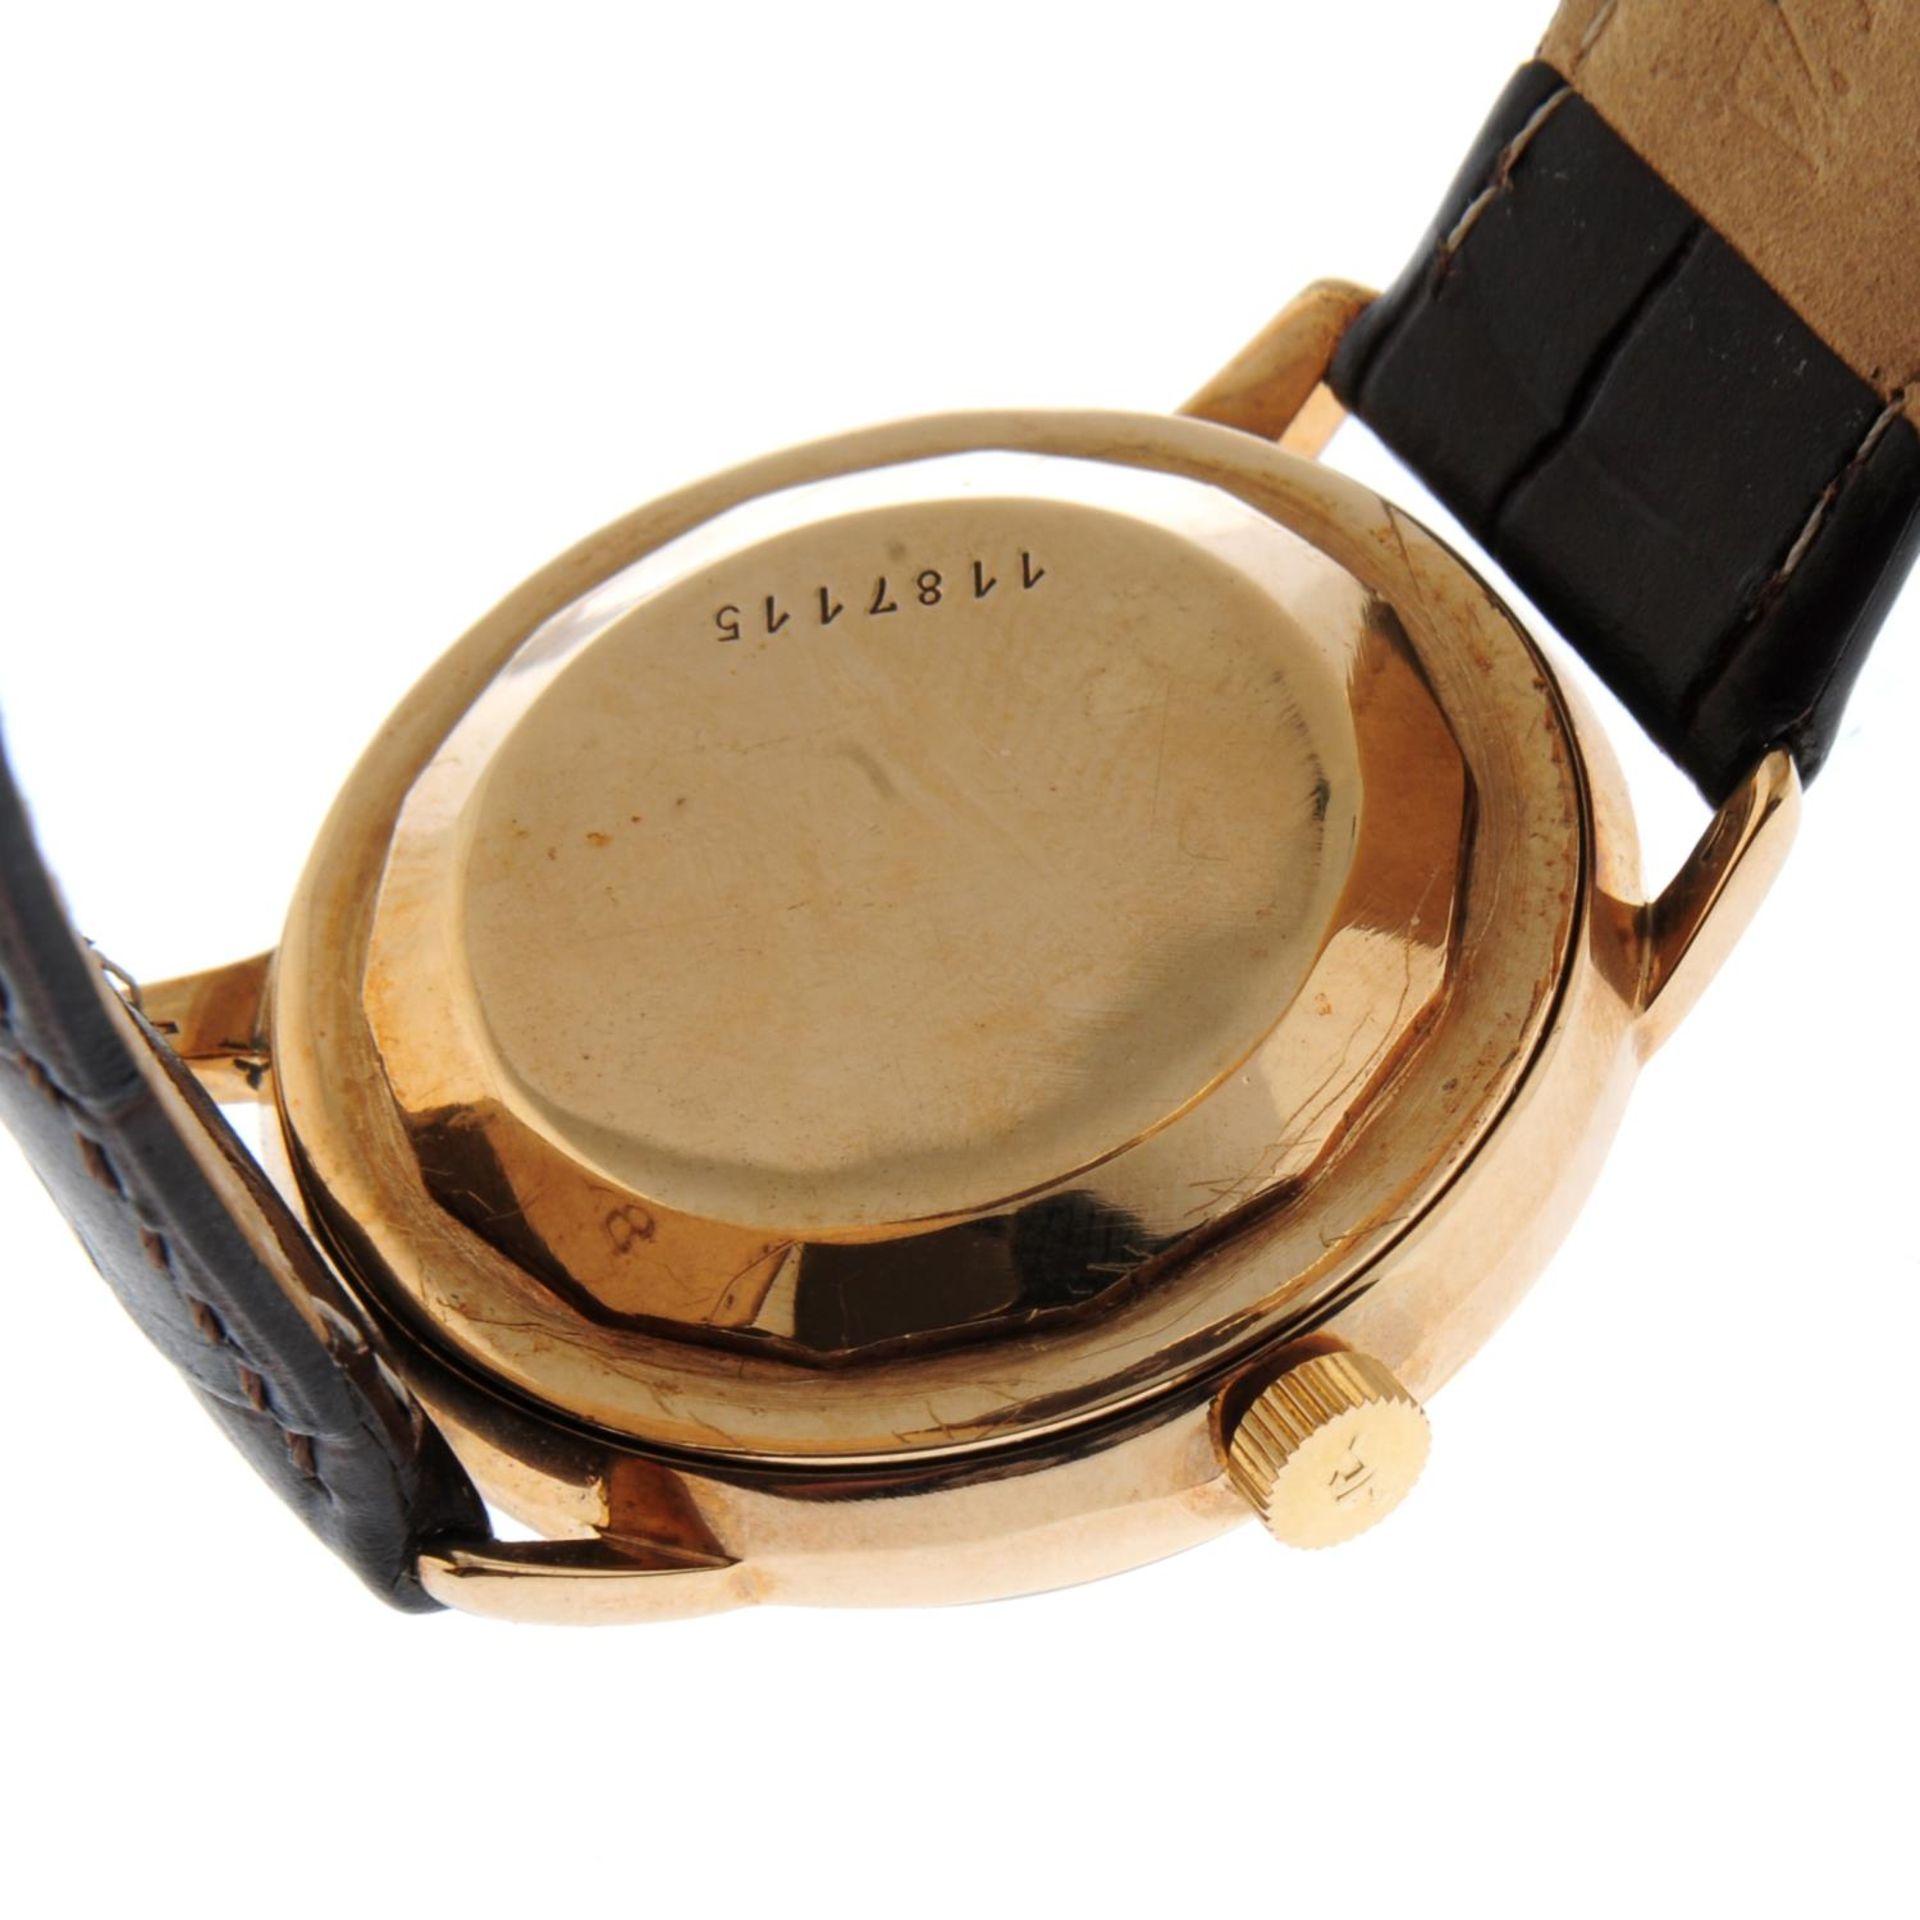 JAEGER-LECOULTRE - a wrist watch. - Bild 2 aus 5